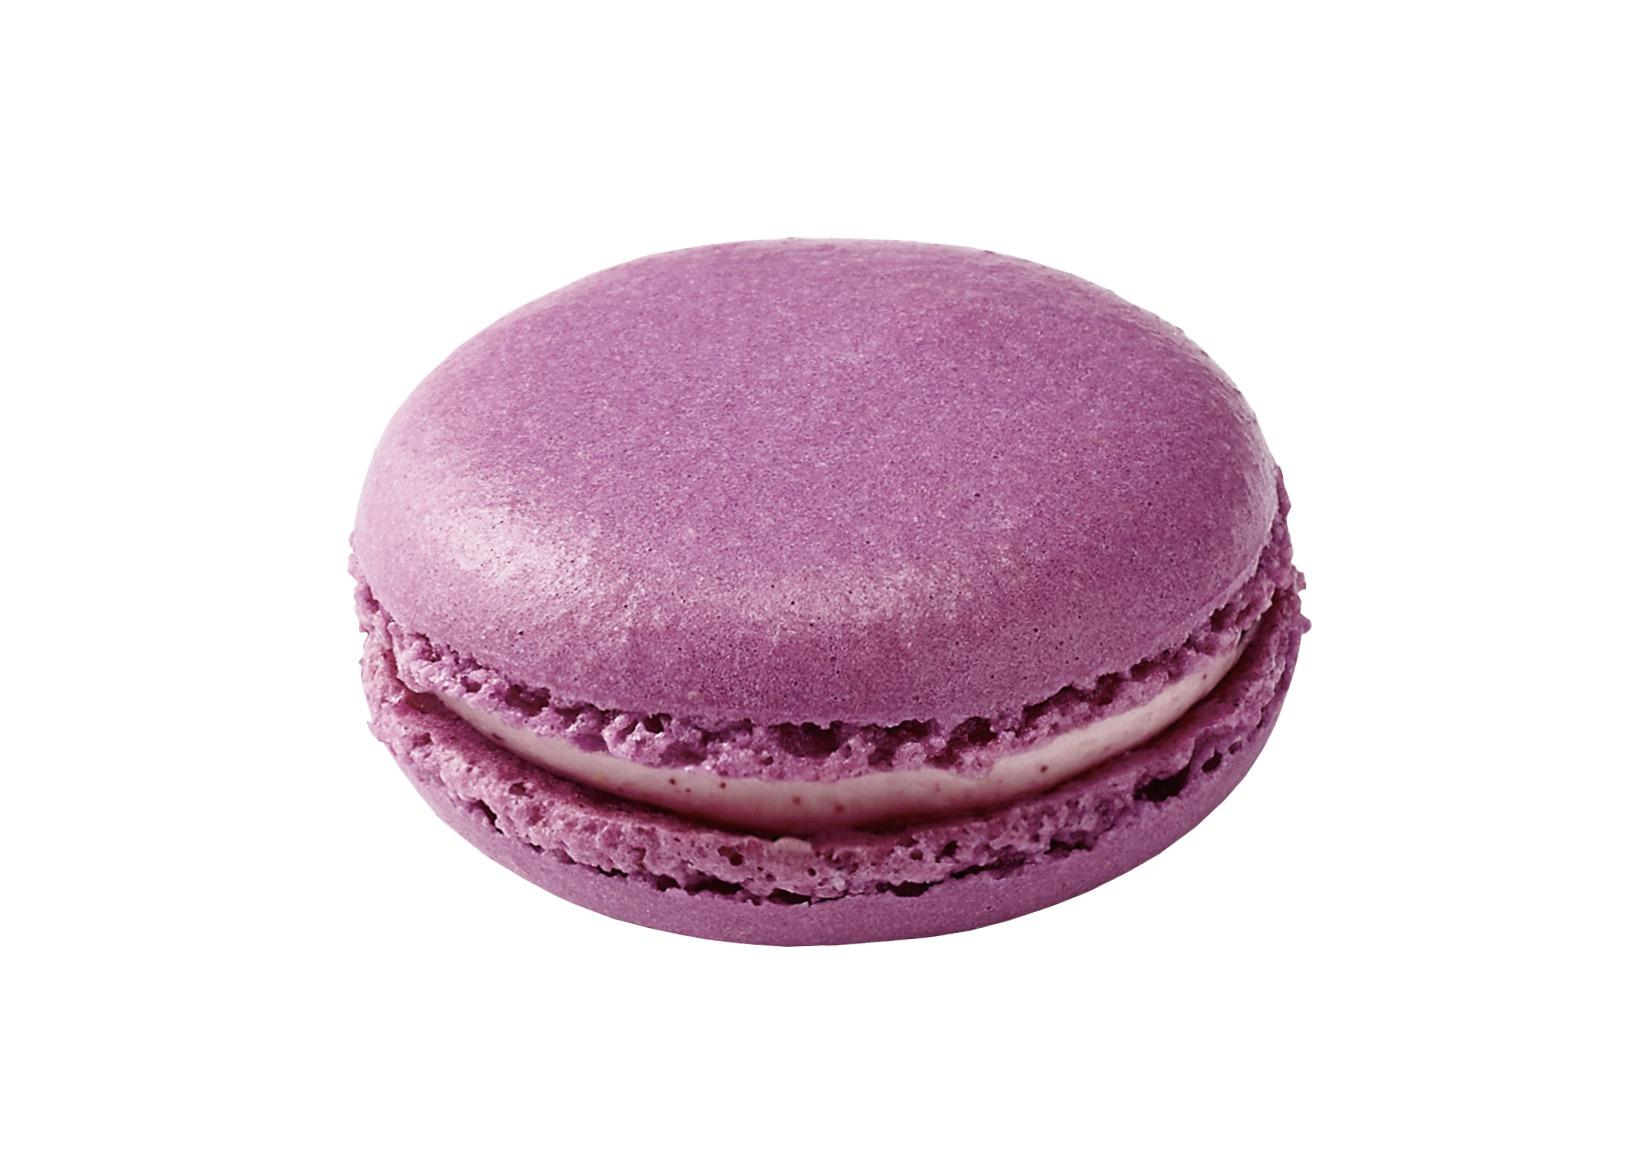 蓝莓味马卡龙